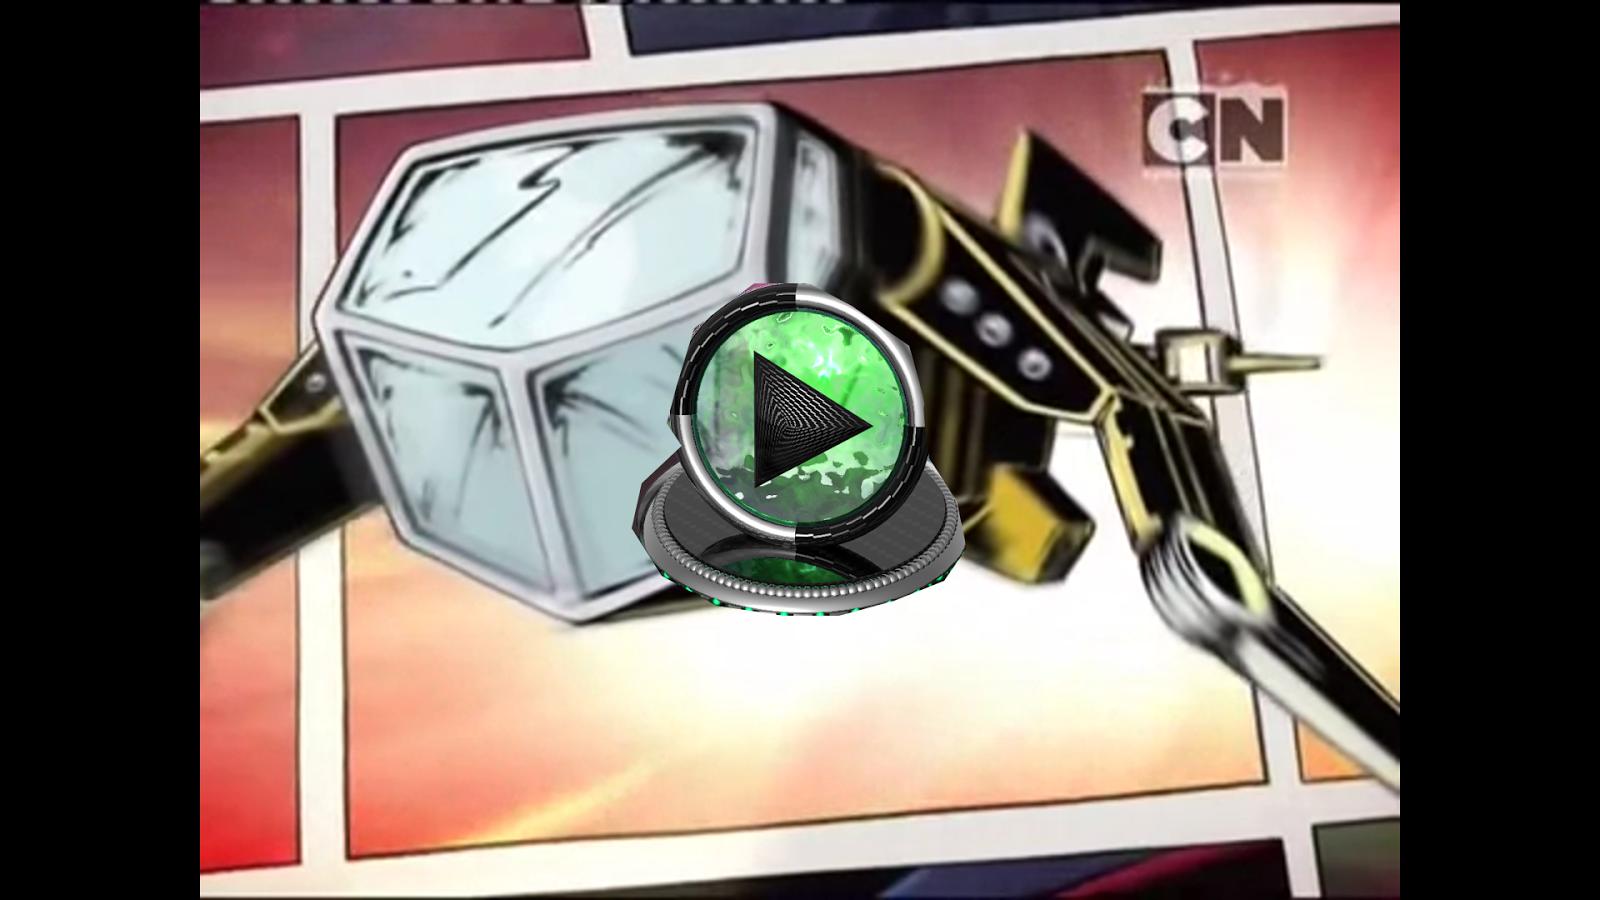 http://theultimatevideos.blogspot.com/2015/01/ben-10-vs-batman-bumper-5.html